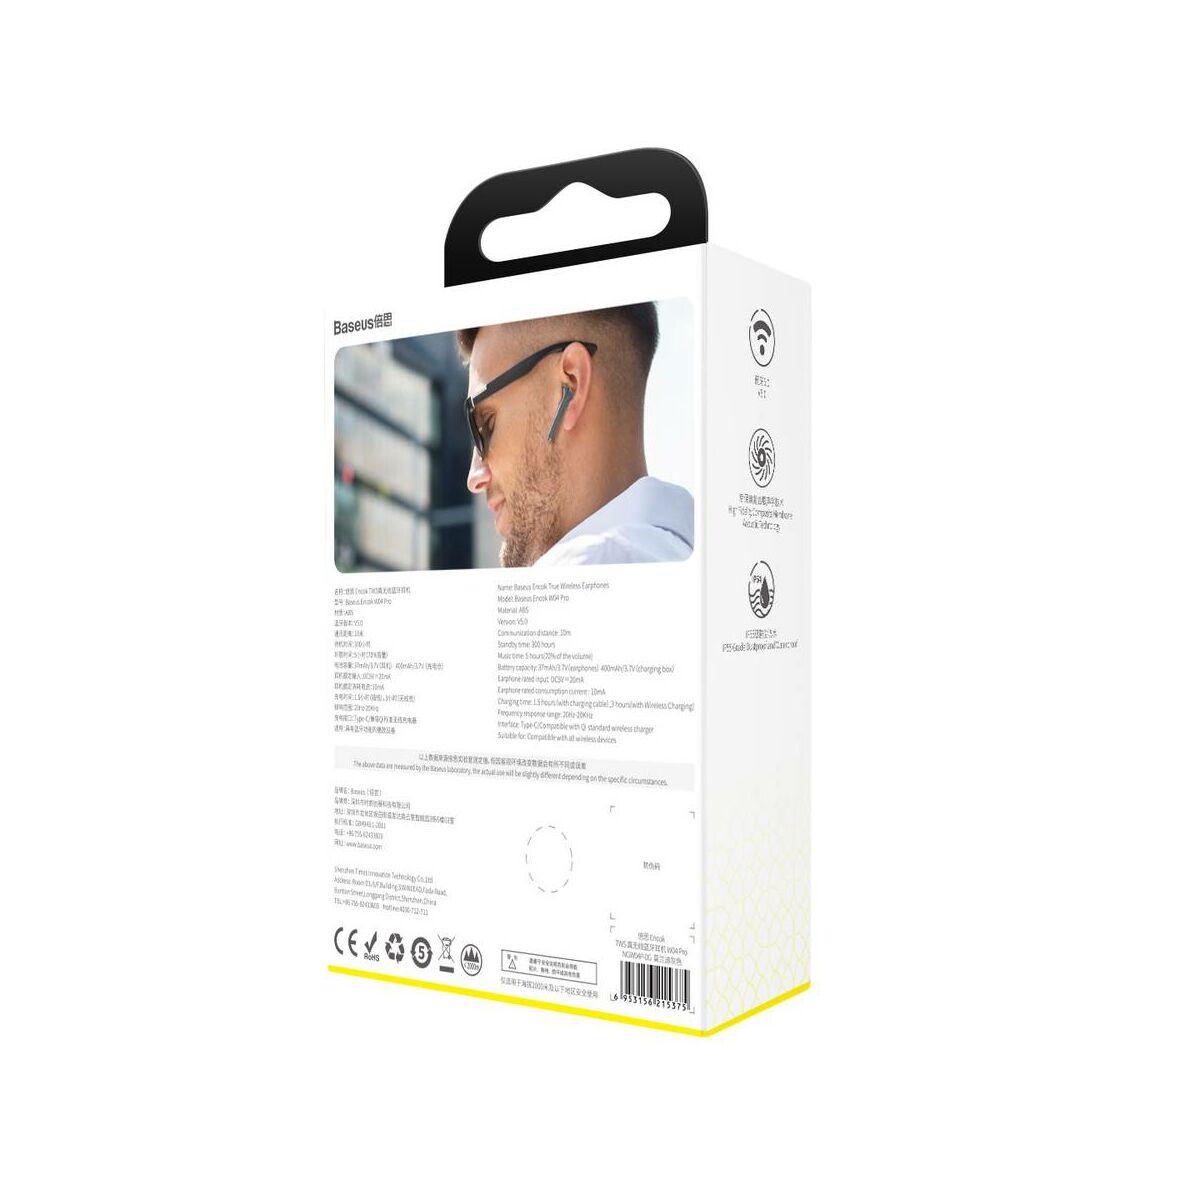 Baseus fülhallgató, Bluetooth Encok W04, PRO TWS Truly Wireless headset, szürke (NGW04P-0G)